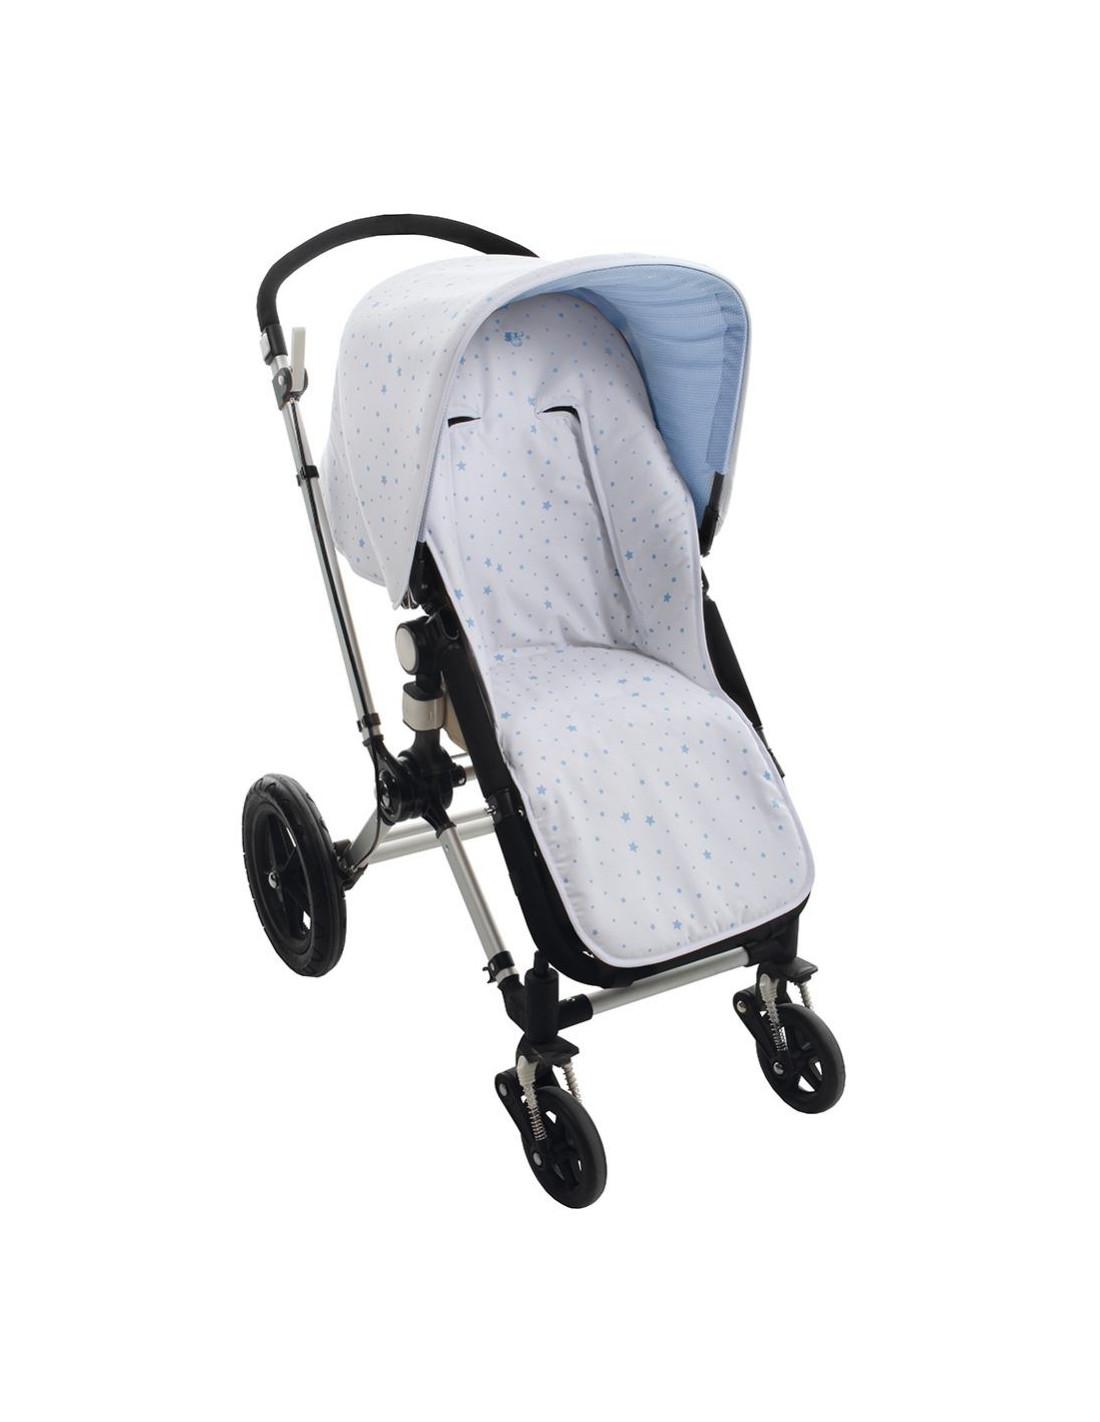 Colchoneta para silla de paseo bugaboo mix de uzturre - Colchoneta silla paseo ...